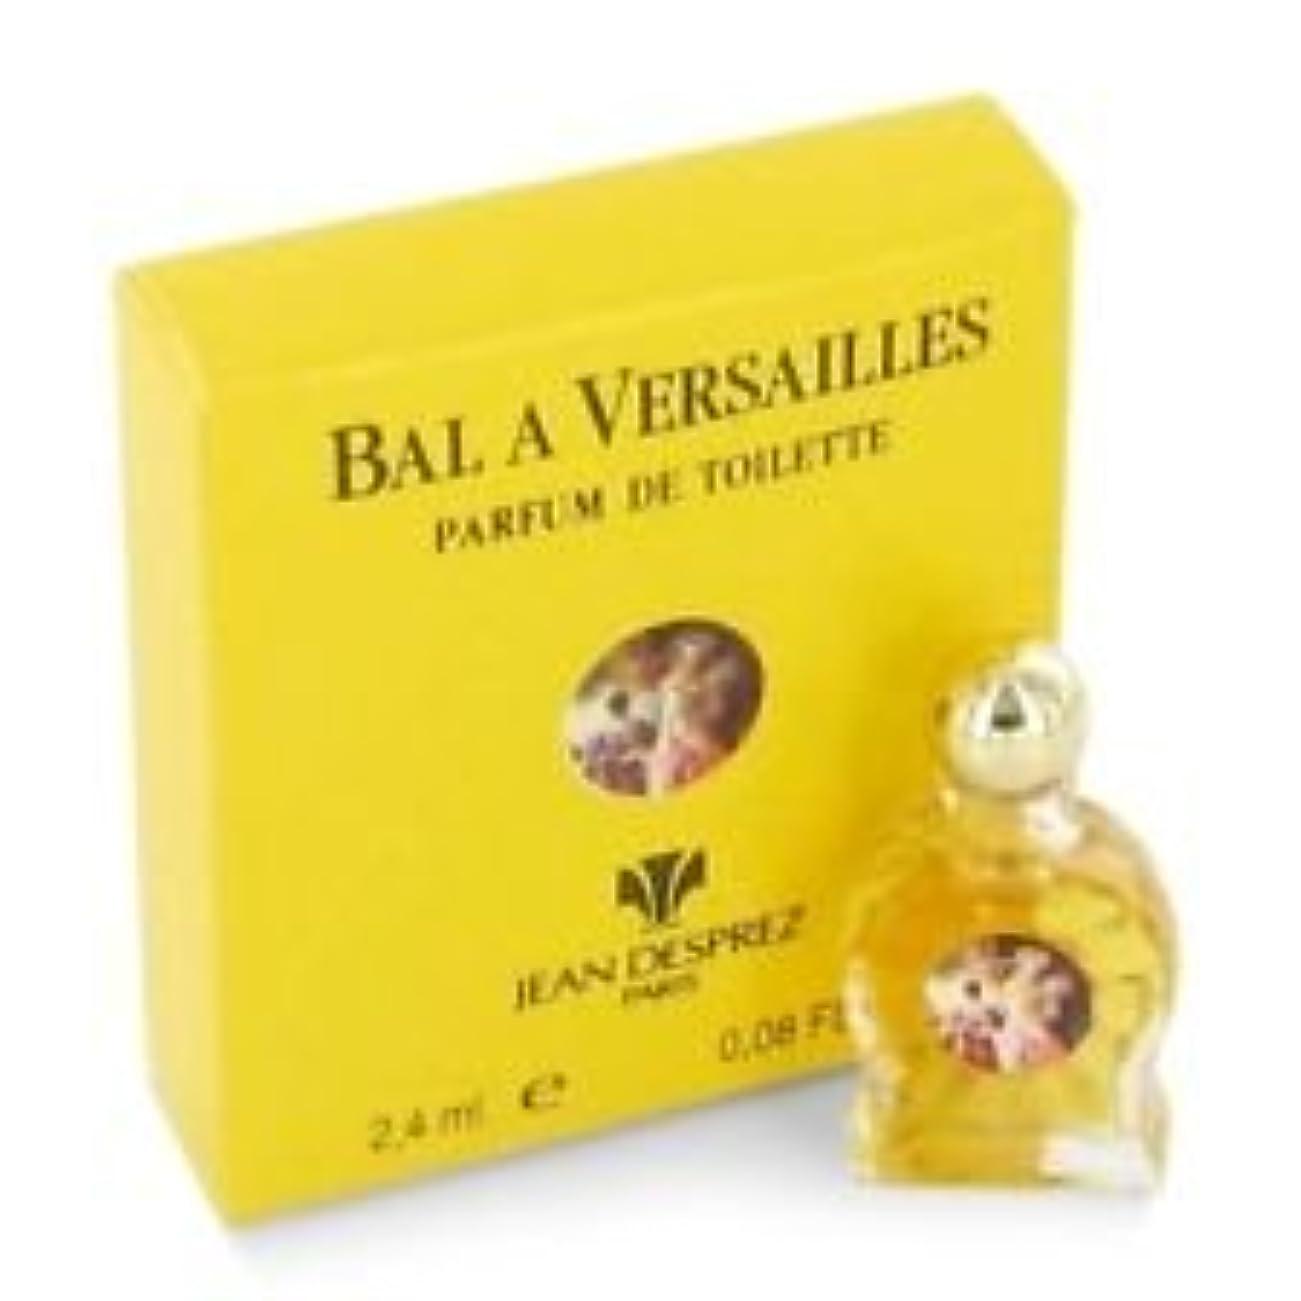 広く支配的光電Bal A Versailles (バラ ベルサイユ) ミニチュア by Jean Desprez for Women